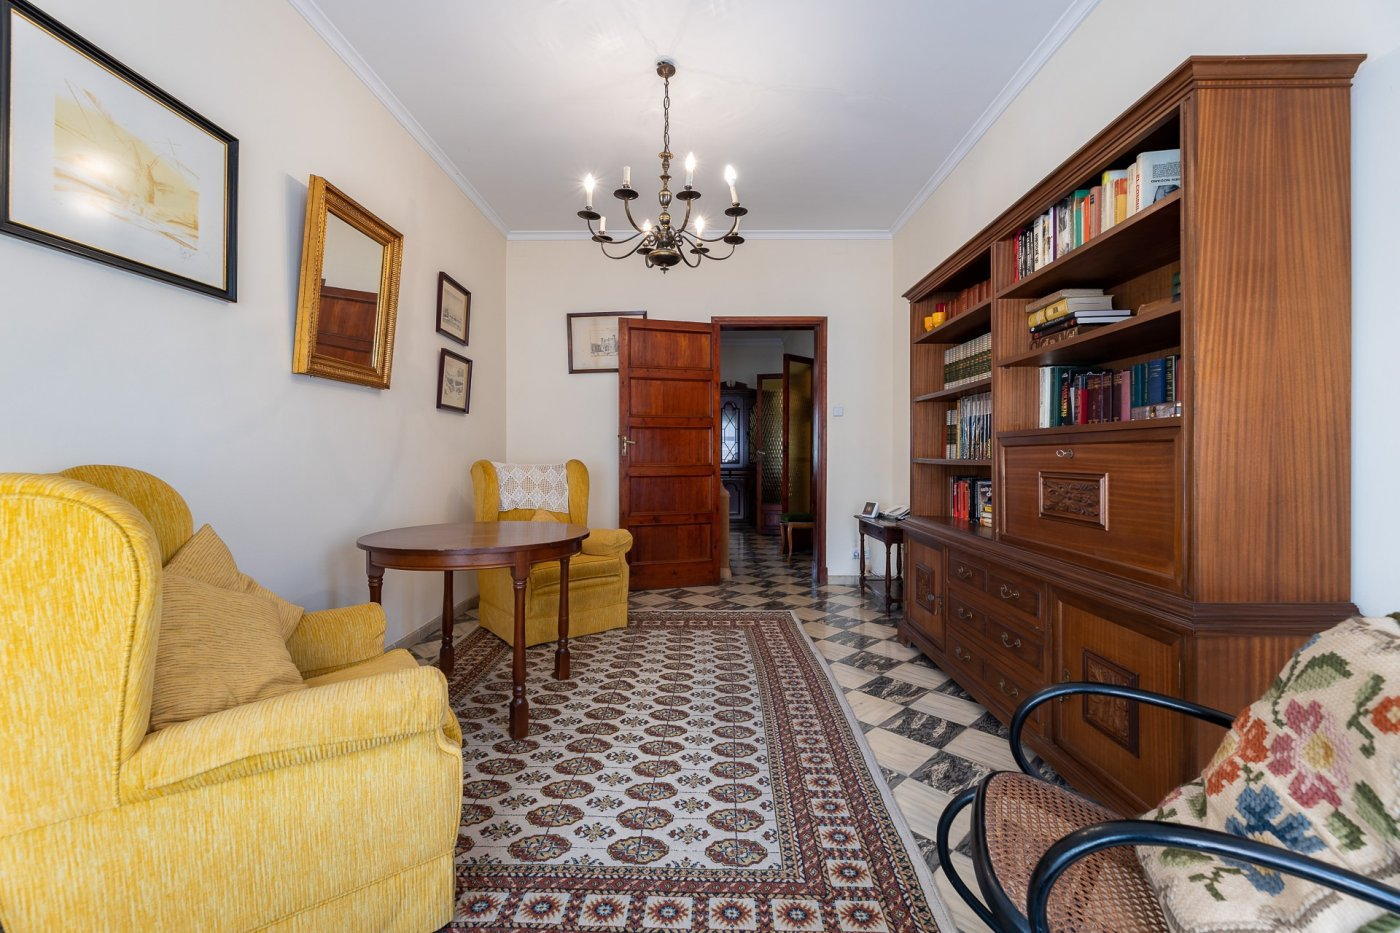 Casa con jardin en els hostalets, palma - imagenInmueble13